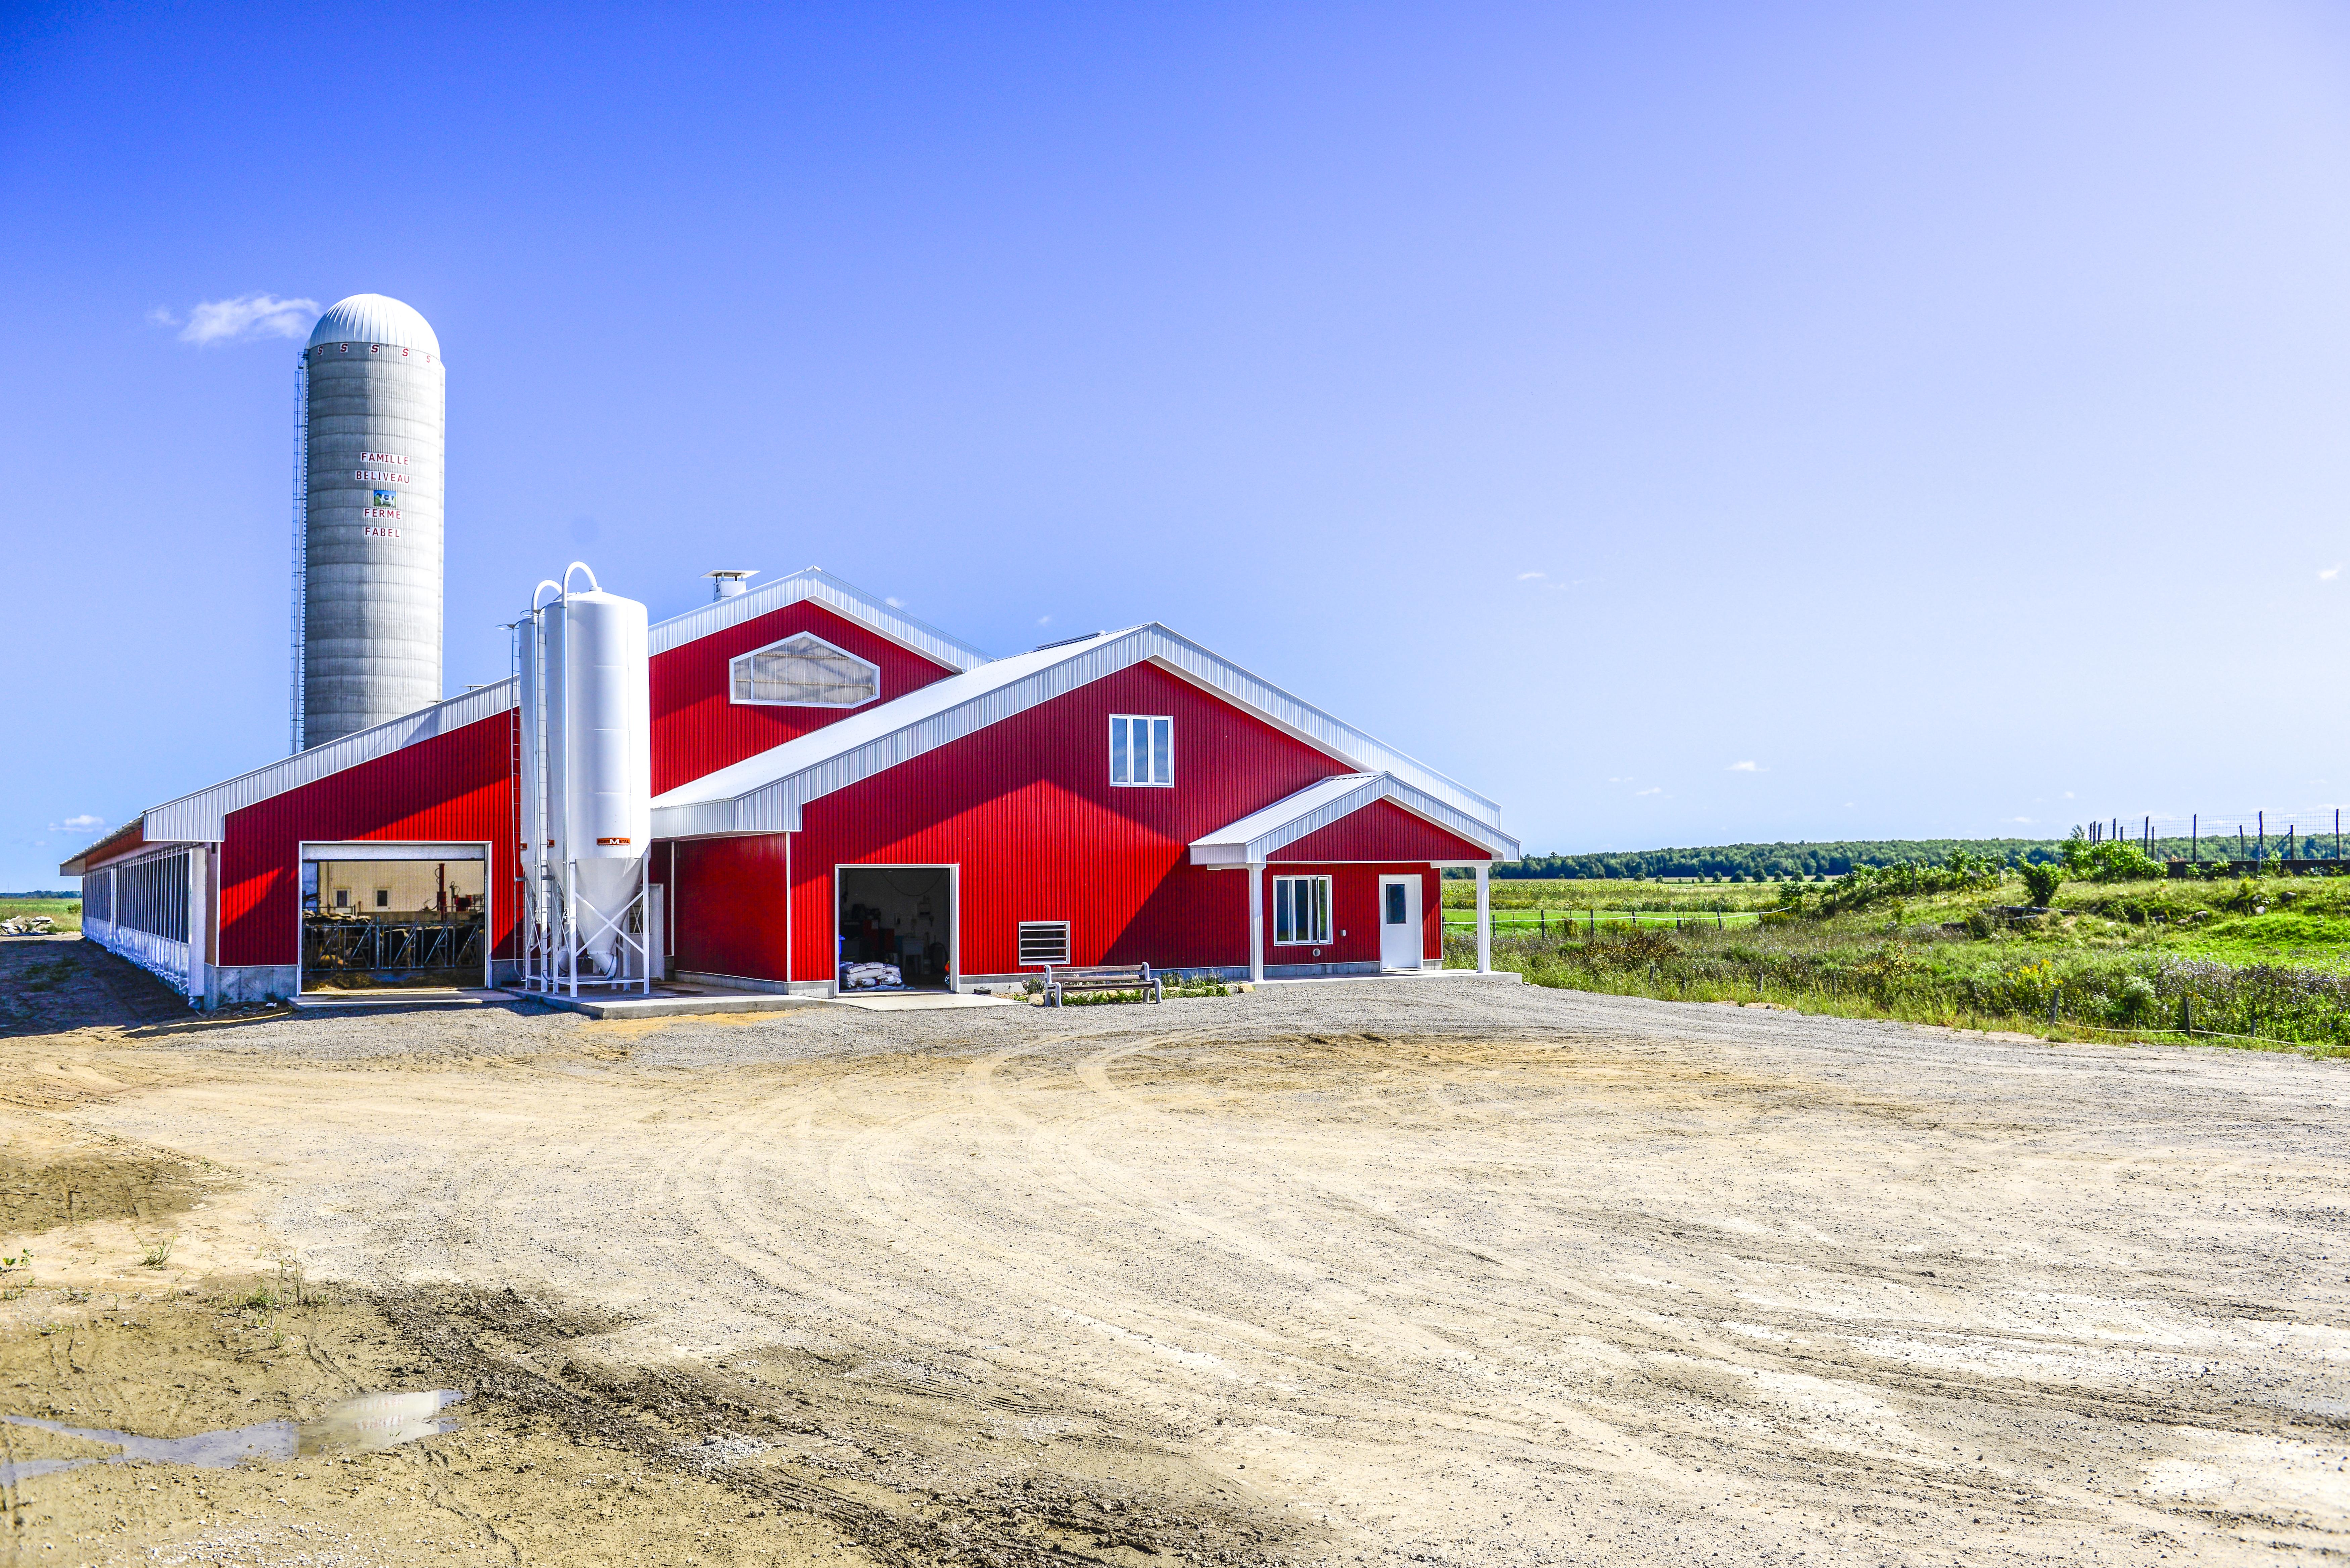 ferme rouge dans la campagne 4